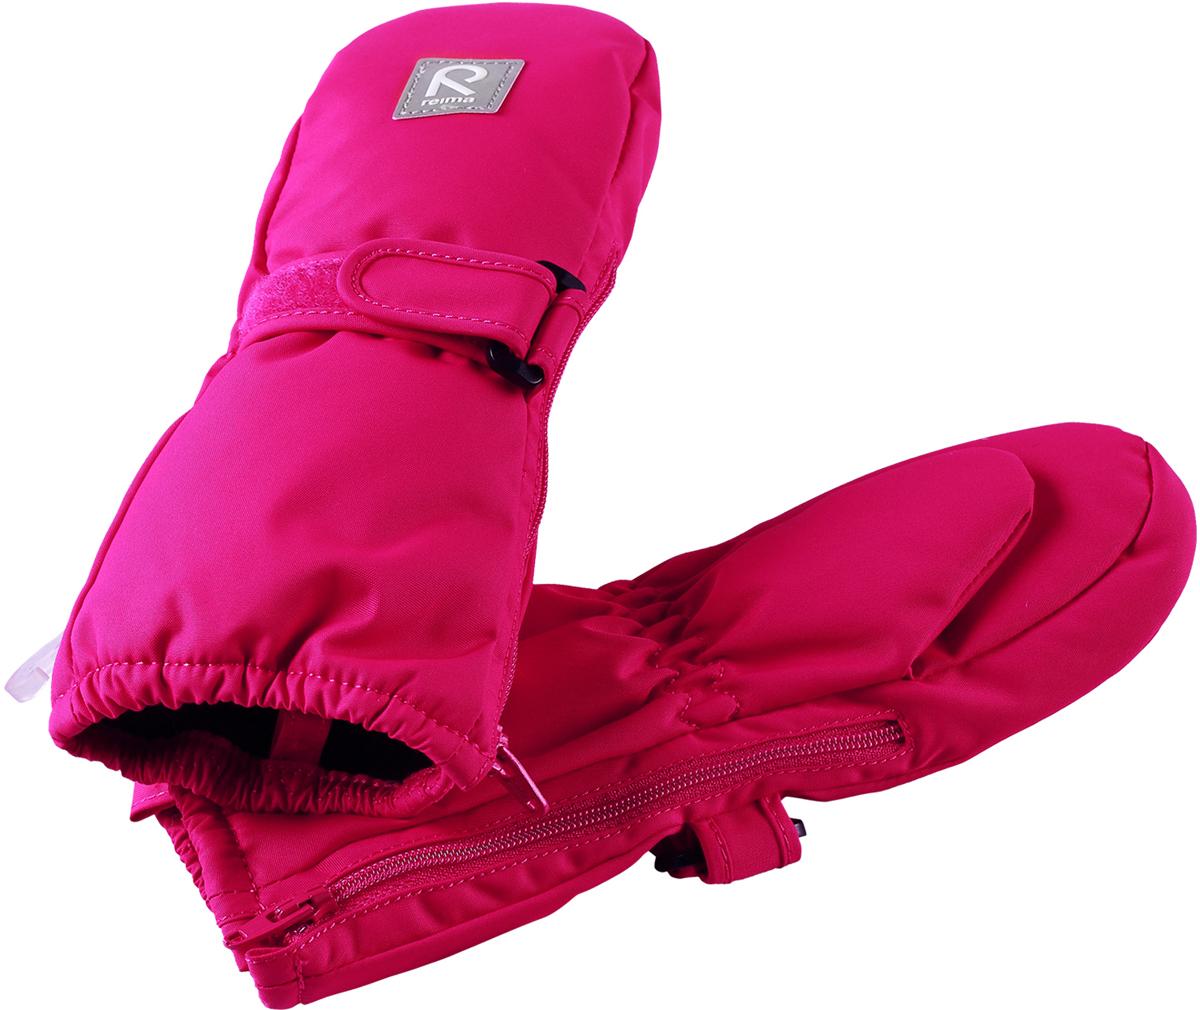 Варежки детские Reima Tassu, цвет: розовый. 5171613560. Размер 05171613560Эти мягкие и удобные утепленные варежки для малышей пользуются неизменным успехом. Зимние варежки изготовлены из водо- и ветронепроницаемого, дышащего материала с водо- и грязеотталкивающей поверхностью. В этих варежках нет водонепроницаемой мембраны, поэтому они могут промокать. Утепленная модель отлично подойдет для сухой морозной зимней поры, а для дополнительного утепления и комфорта в сильную стужу рекомендуется поддевать под них теплые шерстяные варежки. Благодаря молнии, эти варежки легко надеть на ручки, а мягкая трикотажная подкладка из полиэстера очень приятна на ощупь.Средняя степень утепления.